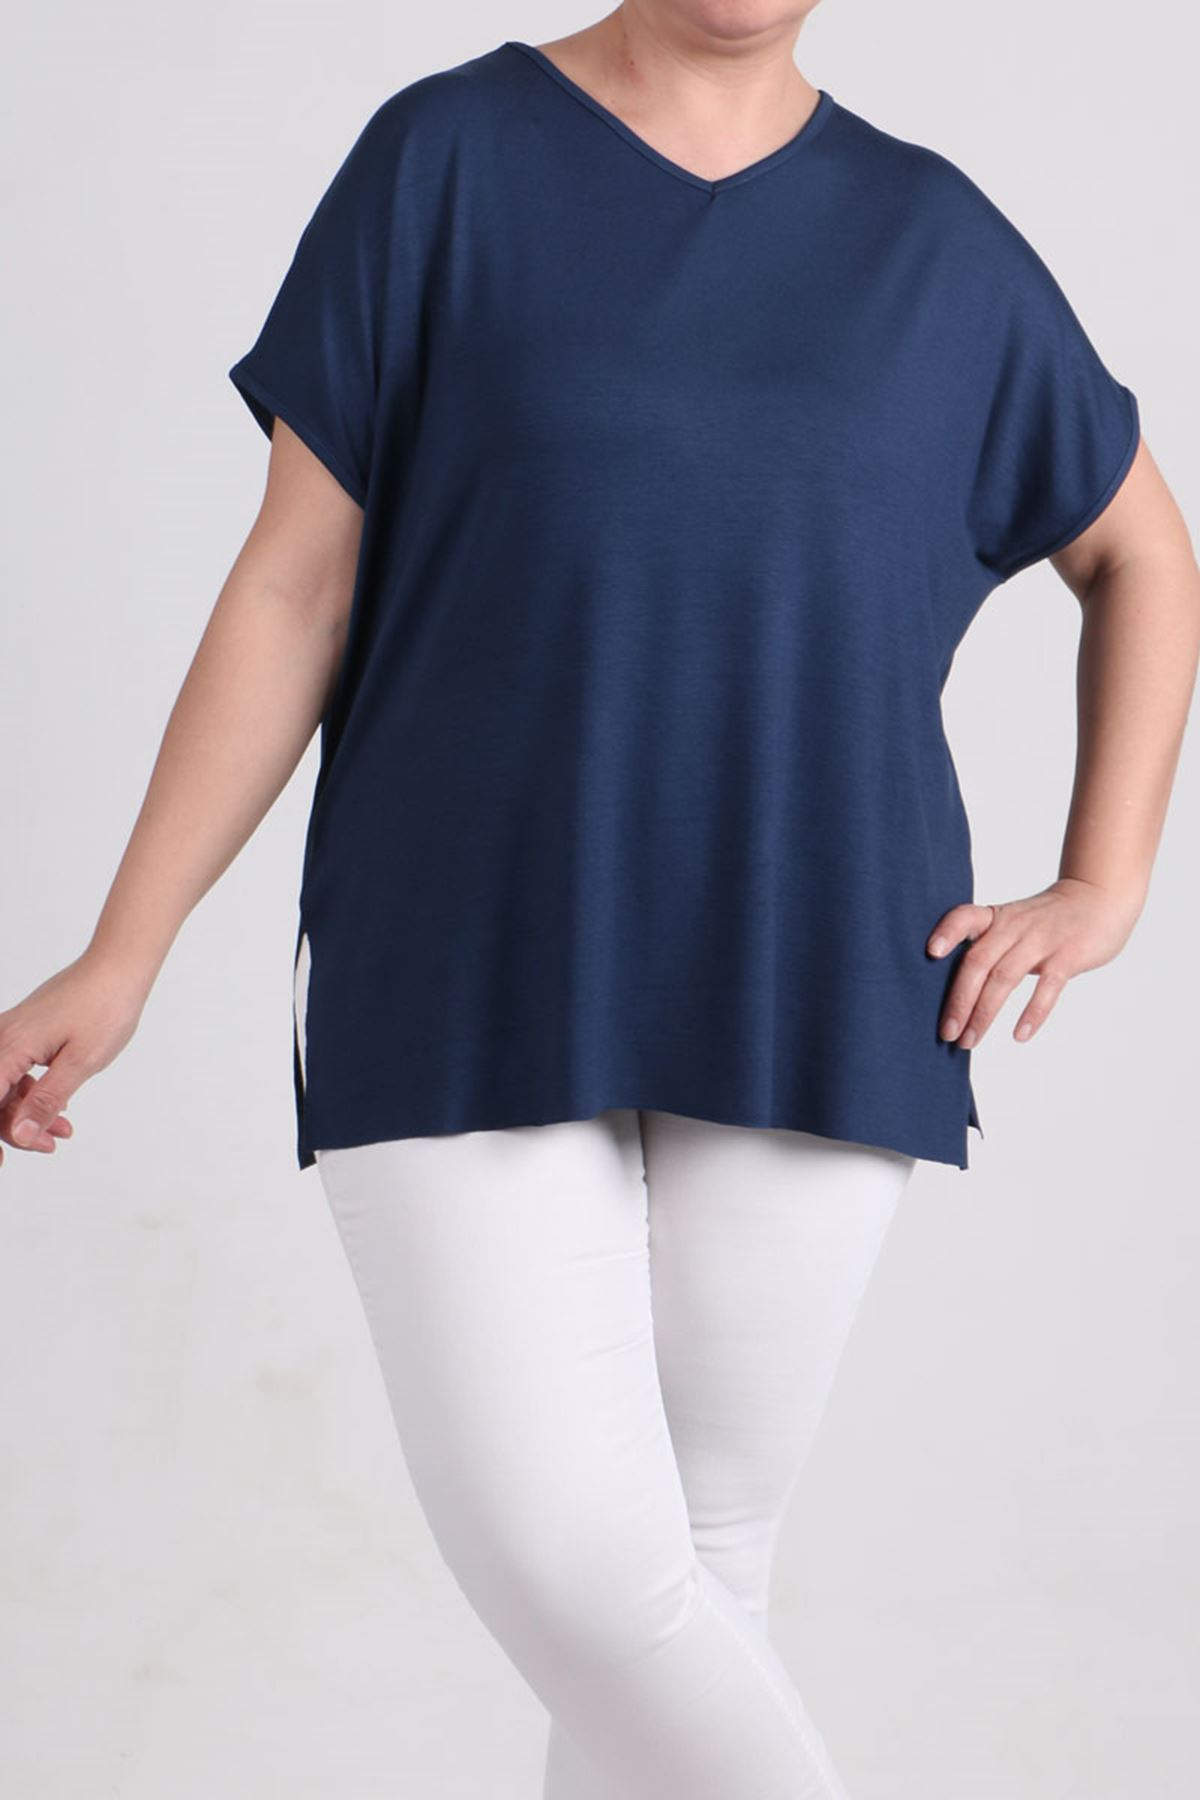 8528 Plus Size Basic T-Shirt - Indigo